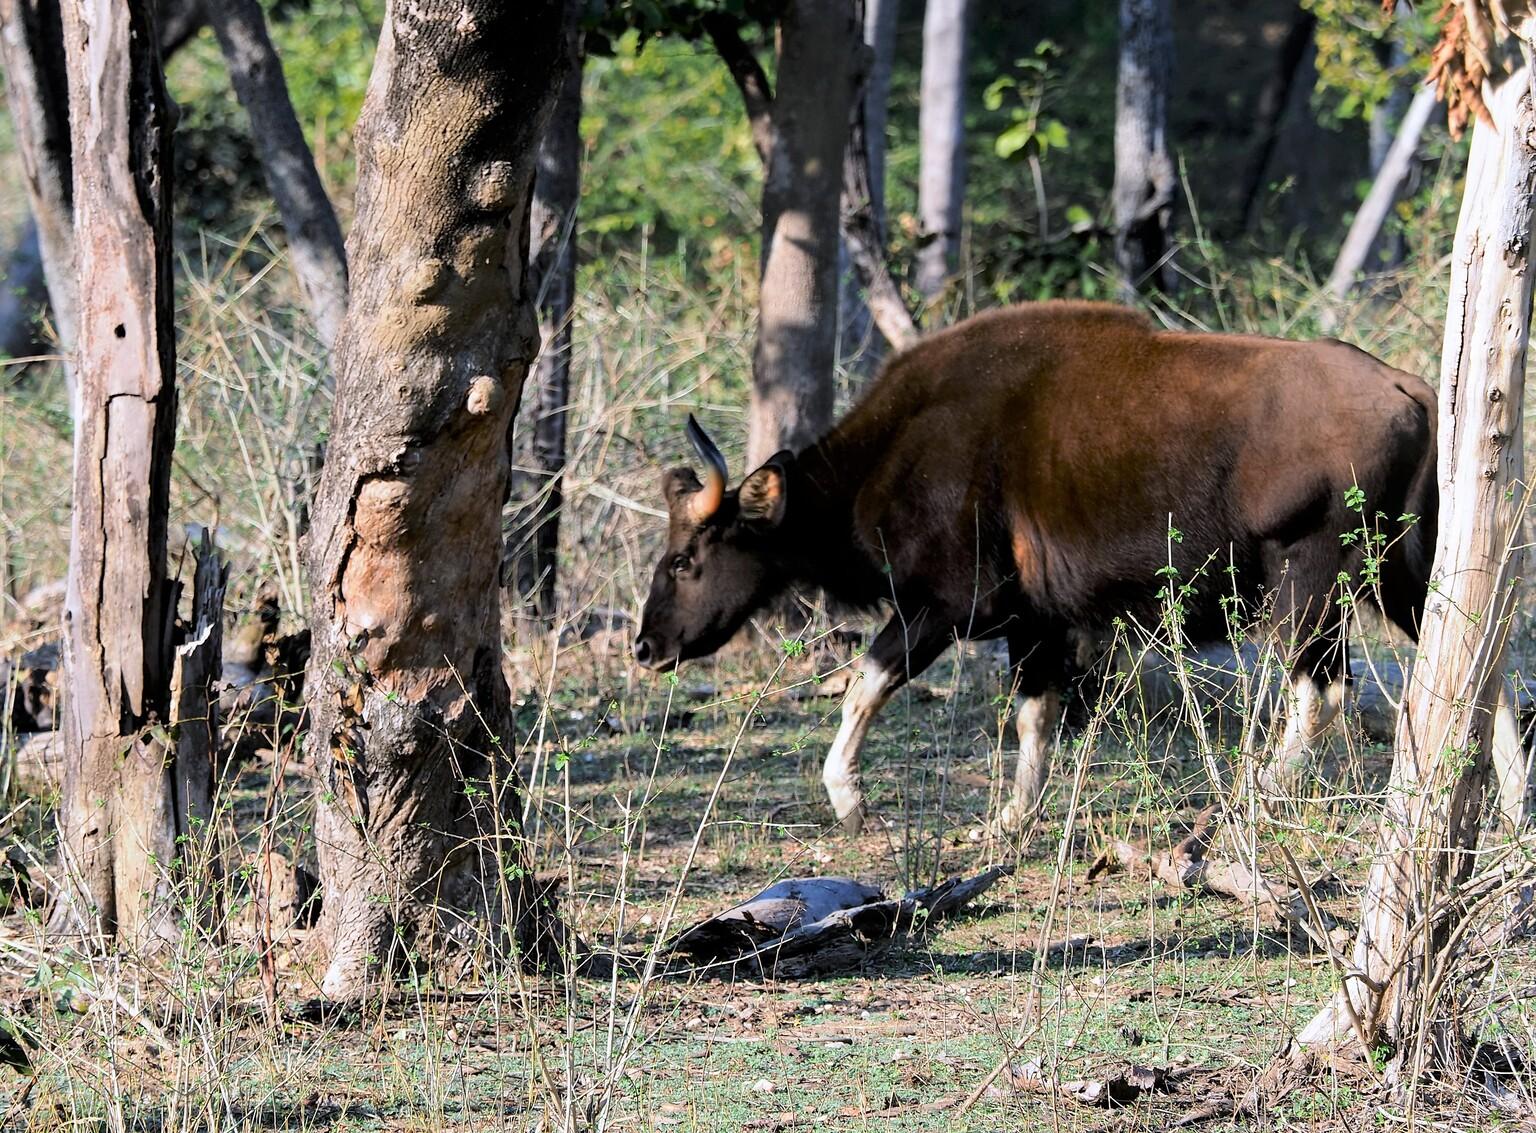 Mijn  Reizen  - Dit is een Gaur  een  Wilde koe  die in India door de bossen zwerft    je moet ze niet tegen komen  want ze  zijn  goed wild.  Zelfs de tijgers hebbe - foto door Stumpf op 16-04-2021 - locatie: India - deze foto bevat: fabriek, elk, herten, boom, fawn, kofferbak, terrestrische dieren, natuurlijk landschap, hoorn, antilope